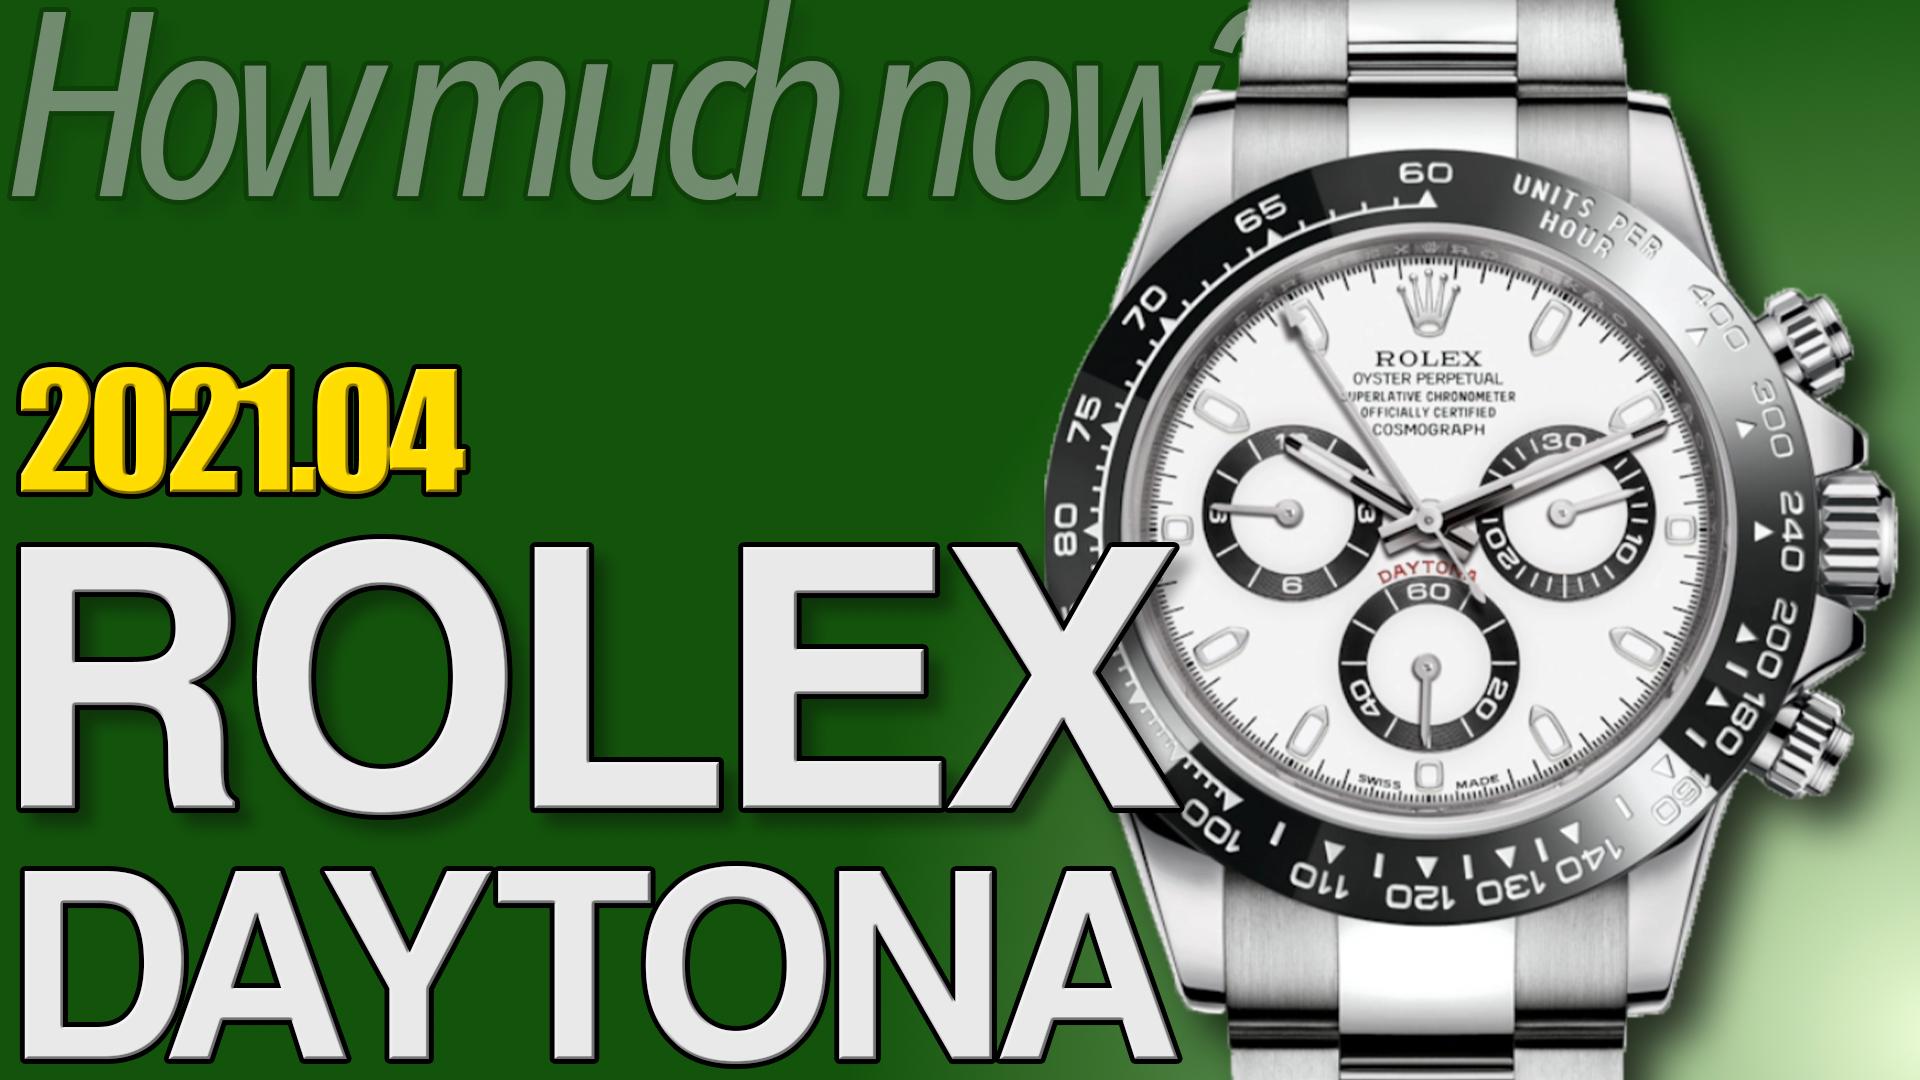 ロレックス デイトナ 買取相場まとめ 2021年4月版  ROLEX時計の価格情報